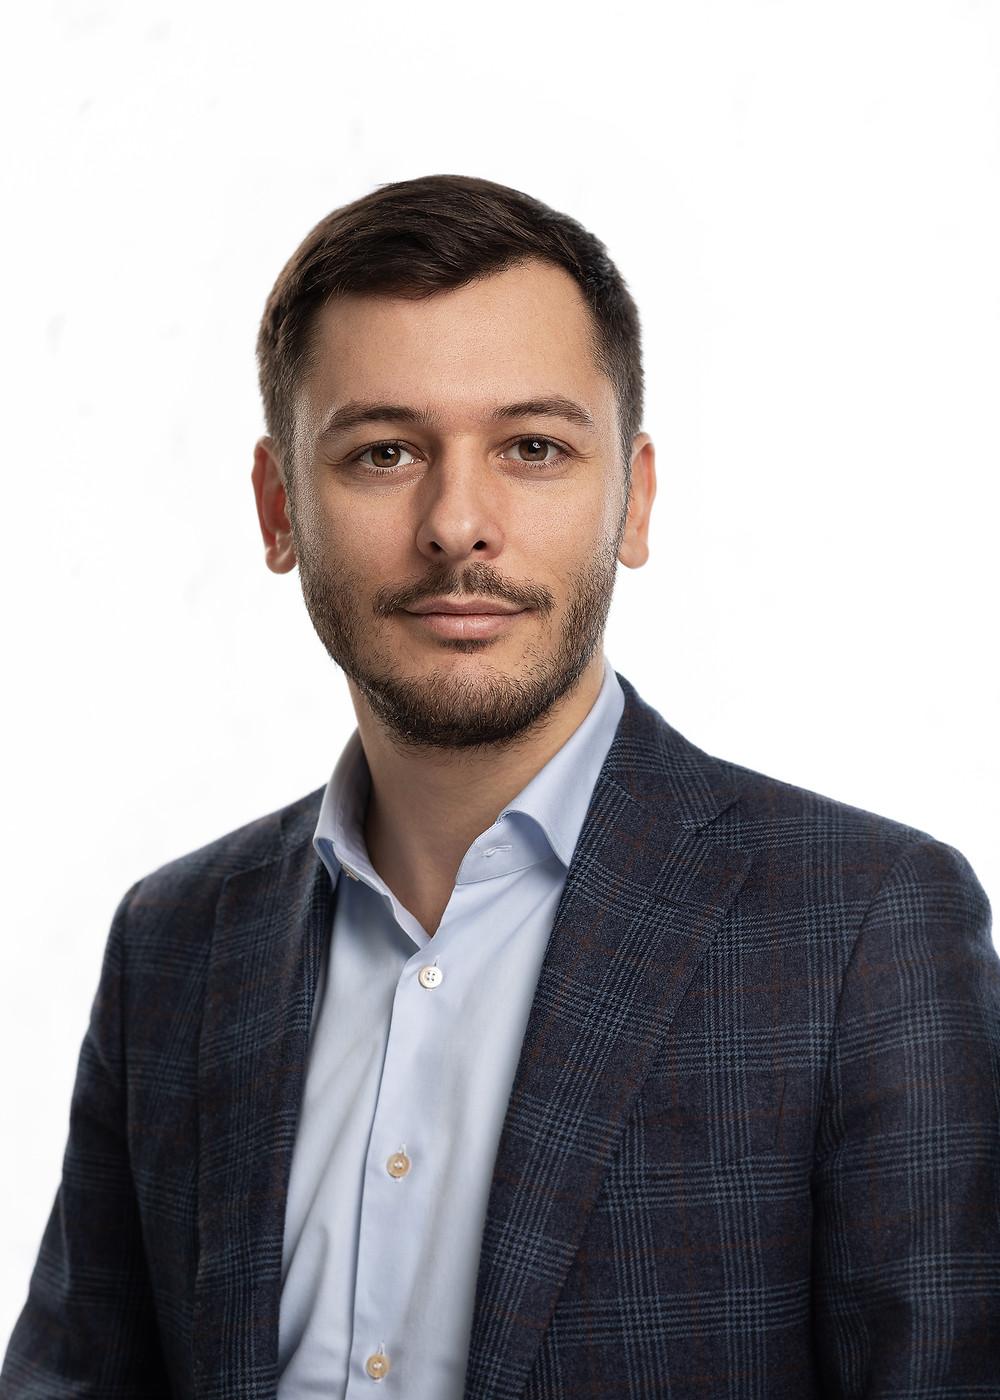 Мужской бизнес портрет на белом фоне